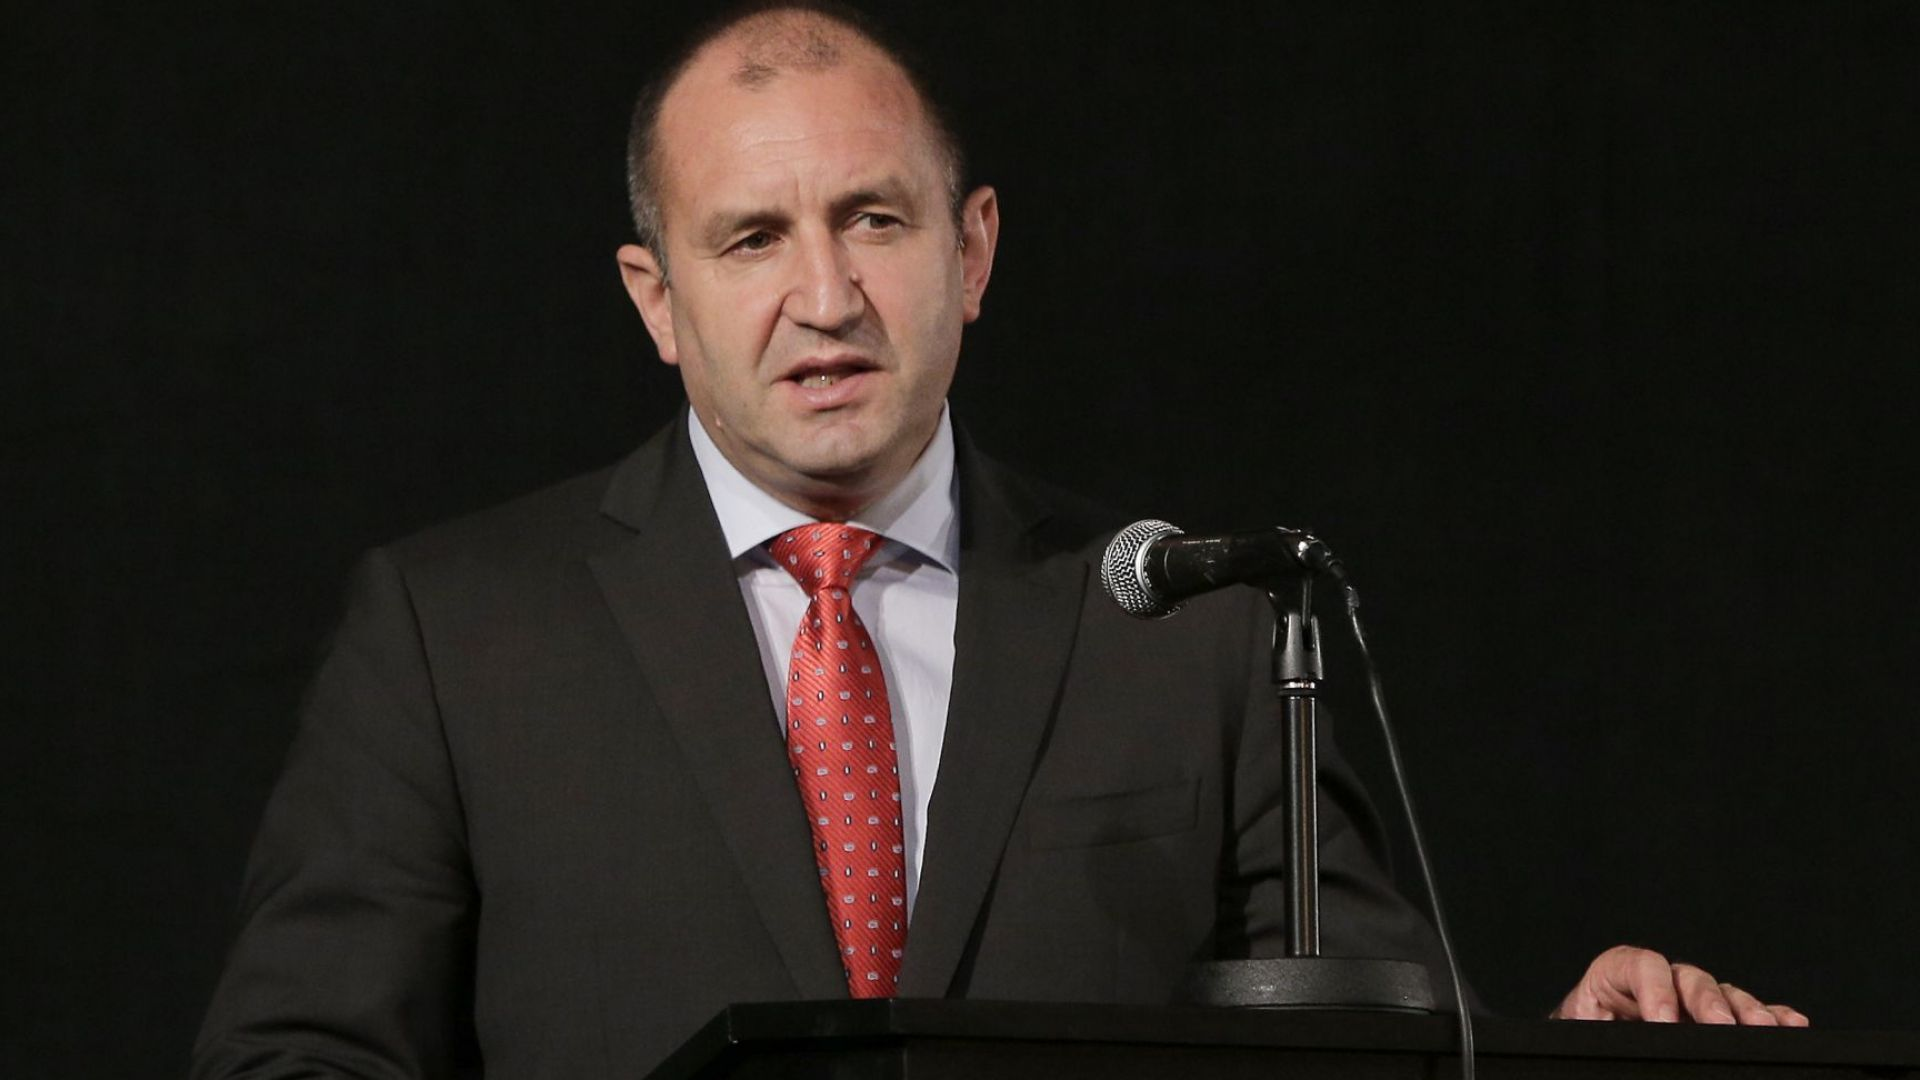 Радев: Премиерът има две позиции за Унгария - за пред България, и за пред ЕС